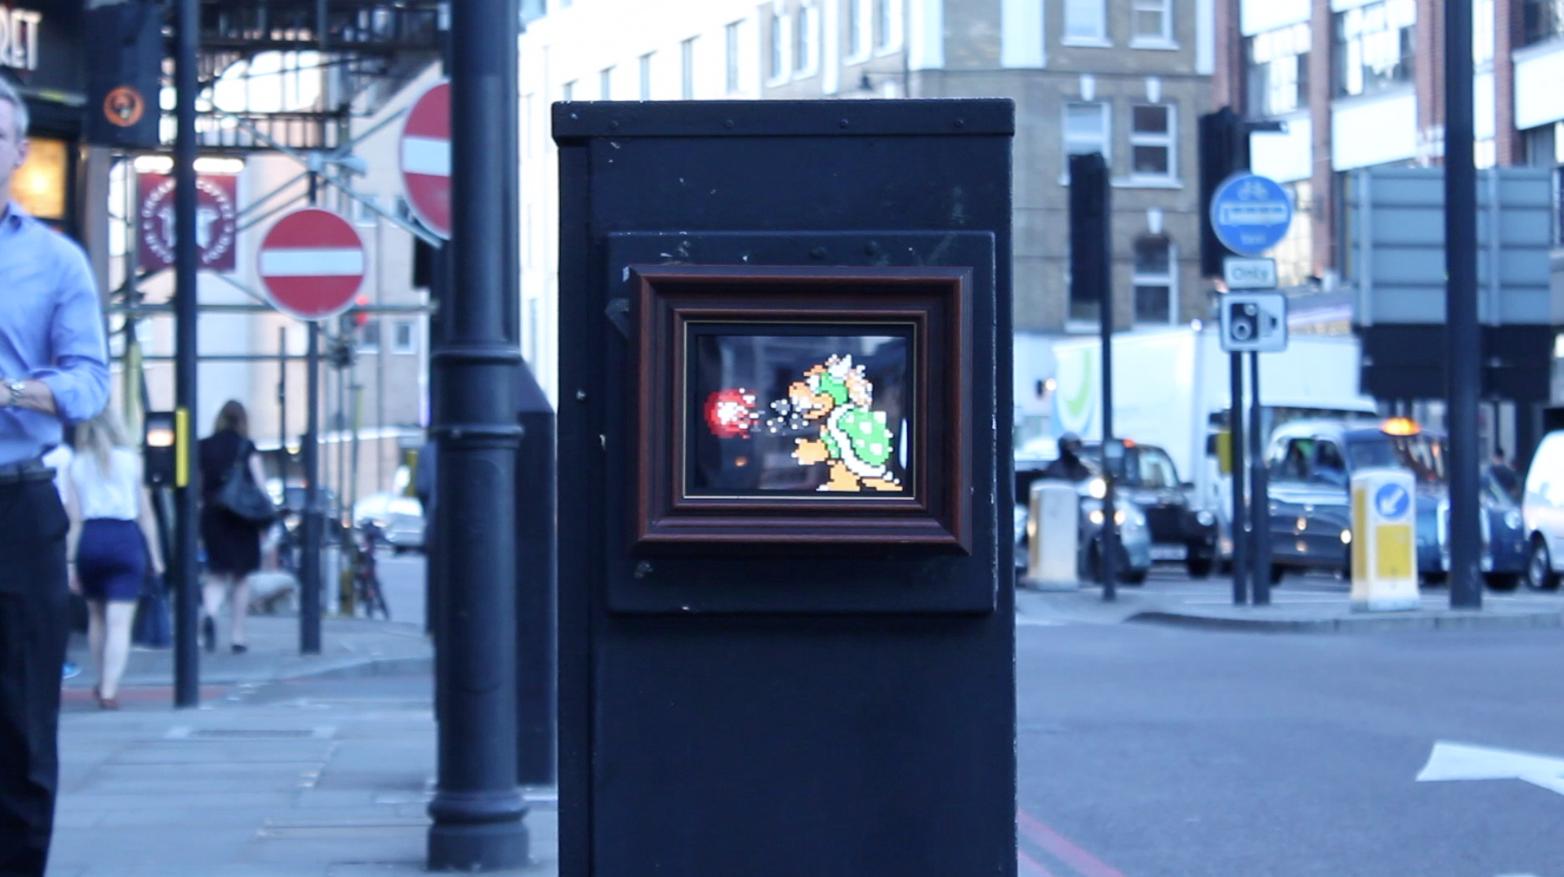 street art GIFs